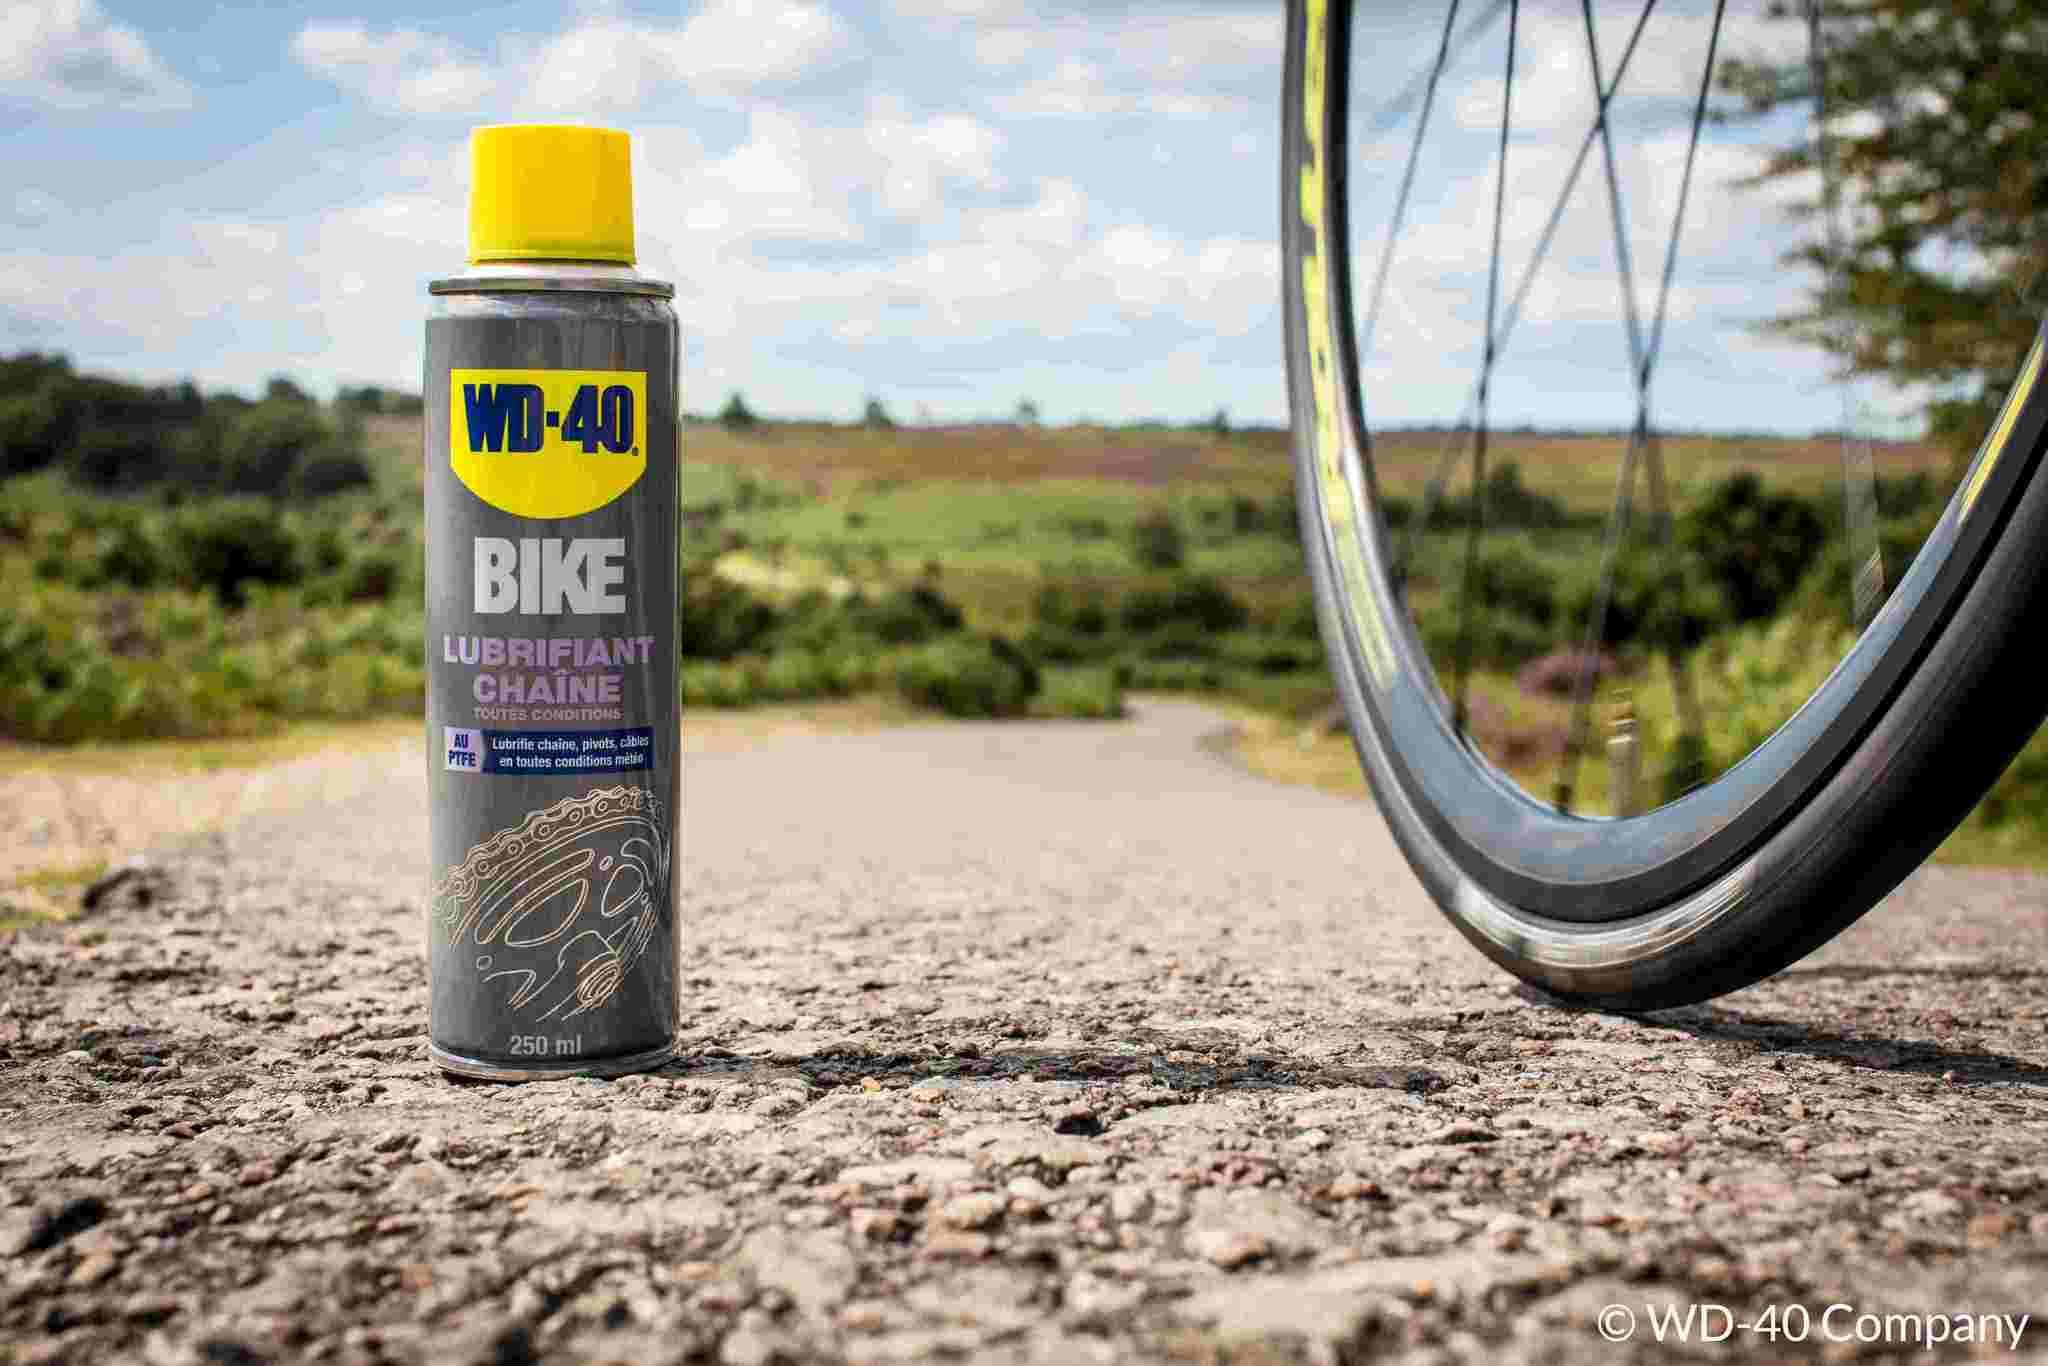 Graisse et lubrifiant pour chaîne de vélo: connaissez-vous WD-40 BIKE?